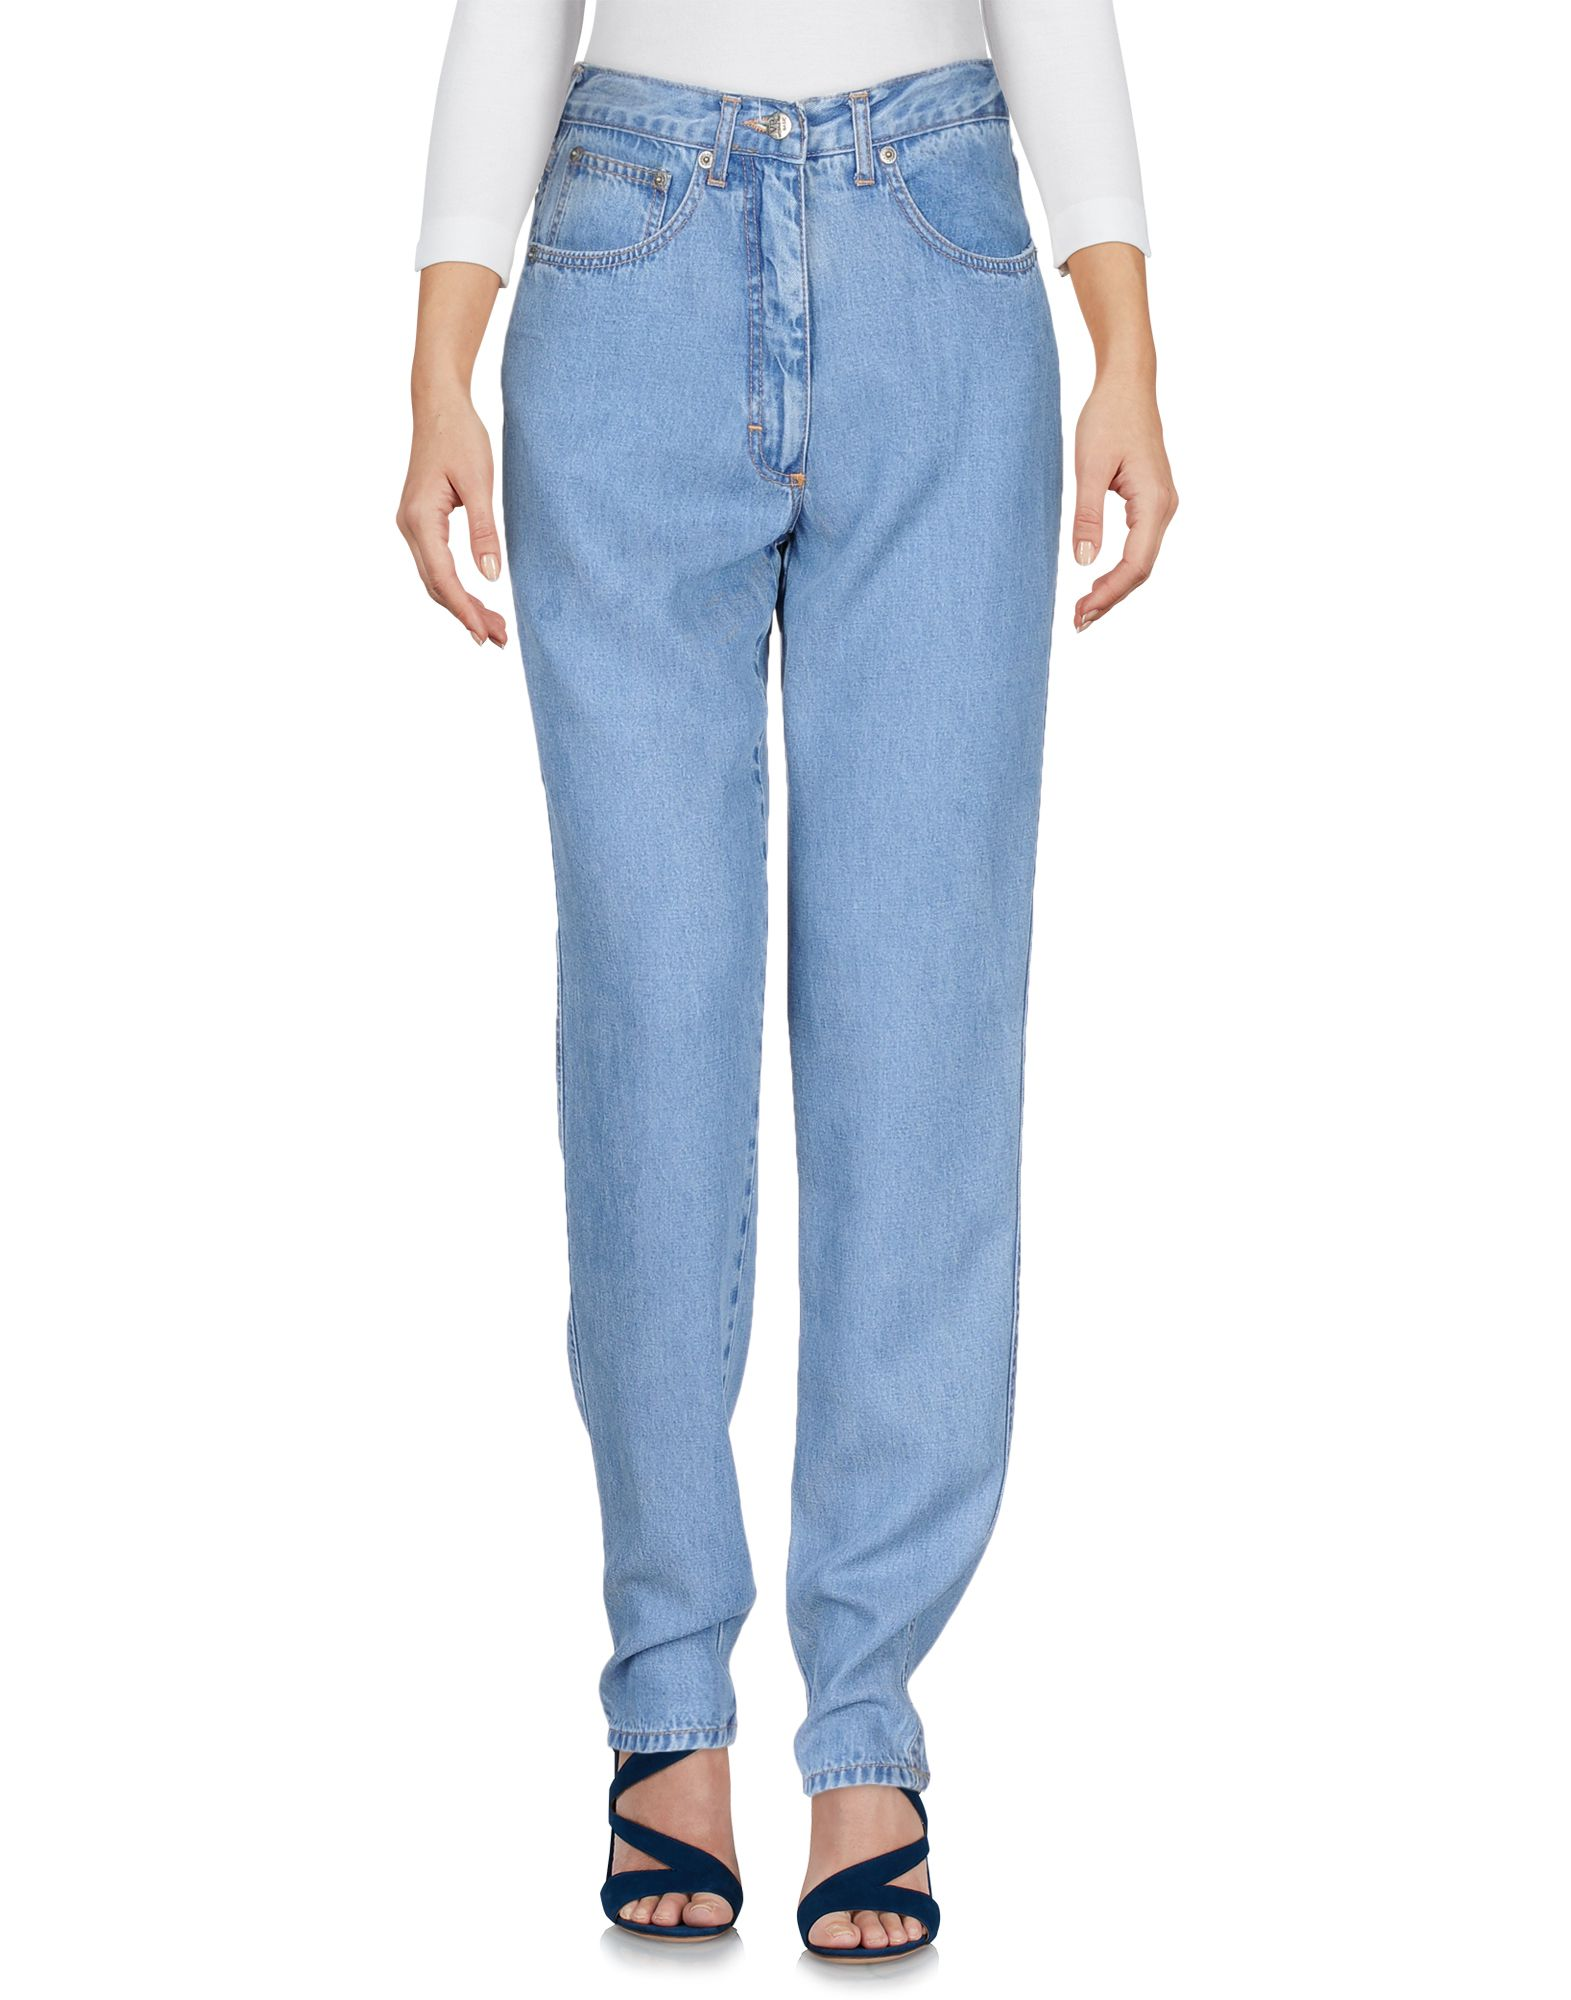 088ad1caab98b Pantalones Vaqueros Vittorio Forti Mujer - Pantalones Vaqueros Vittorio  Forti en YOOX - 42668877UA